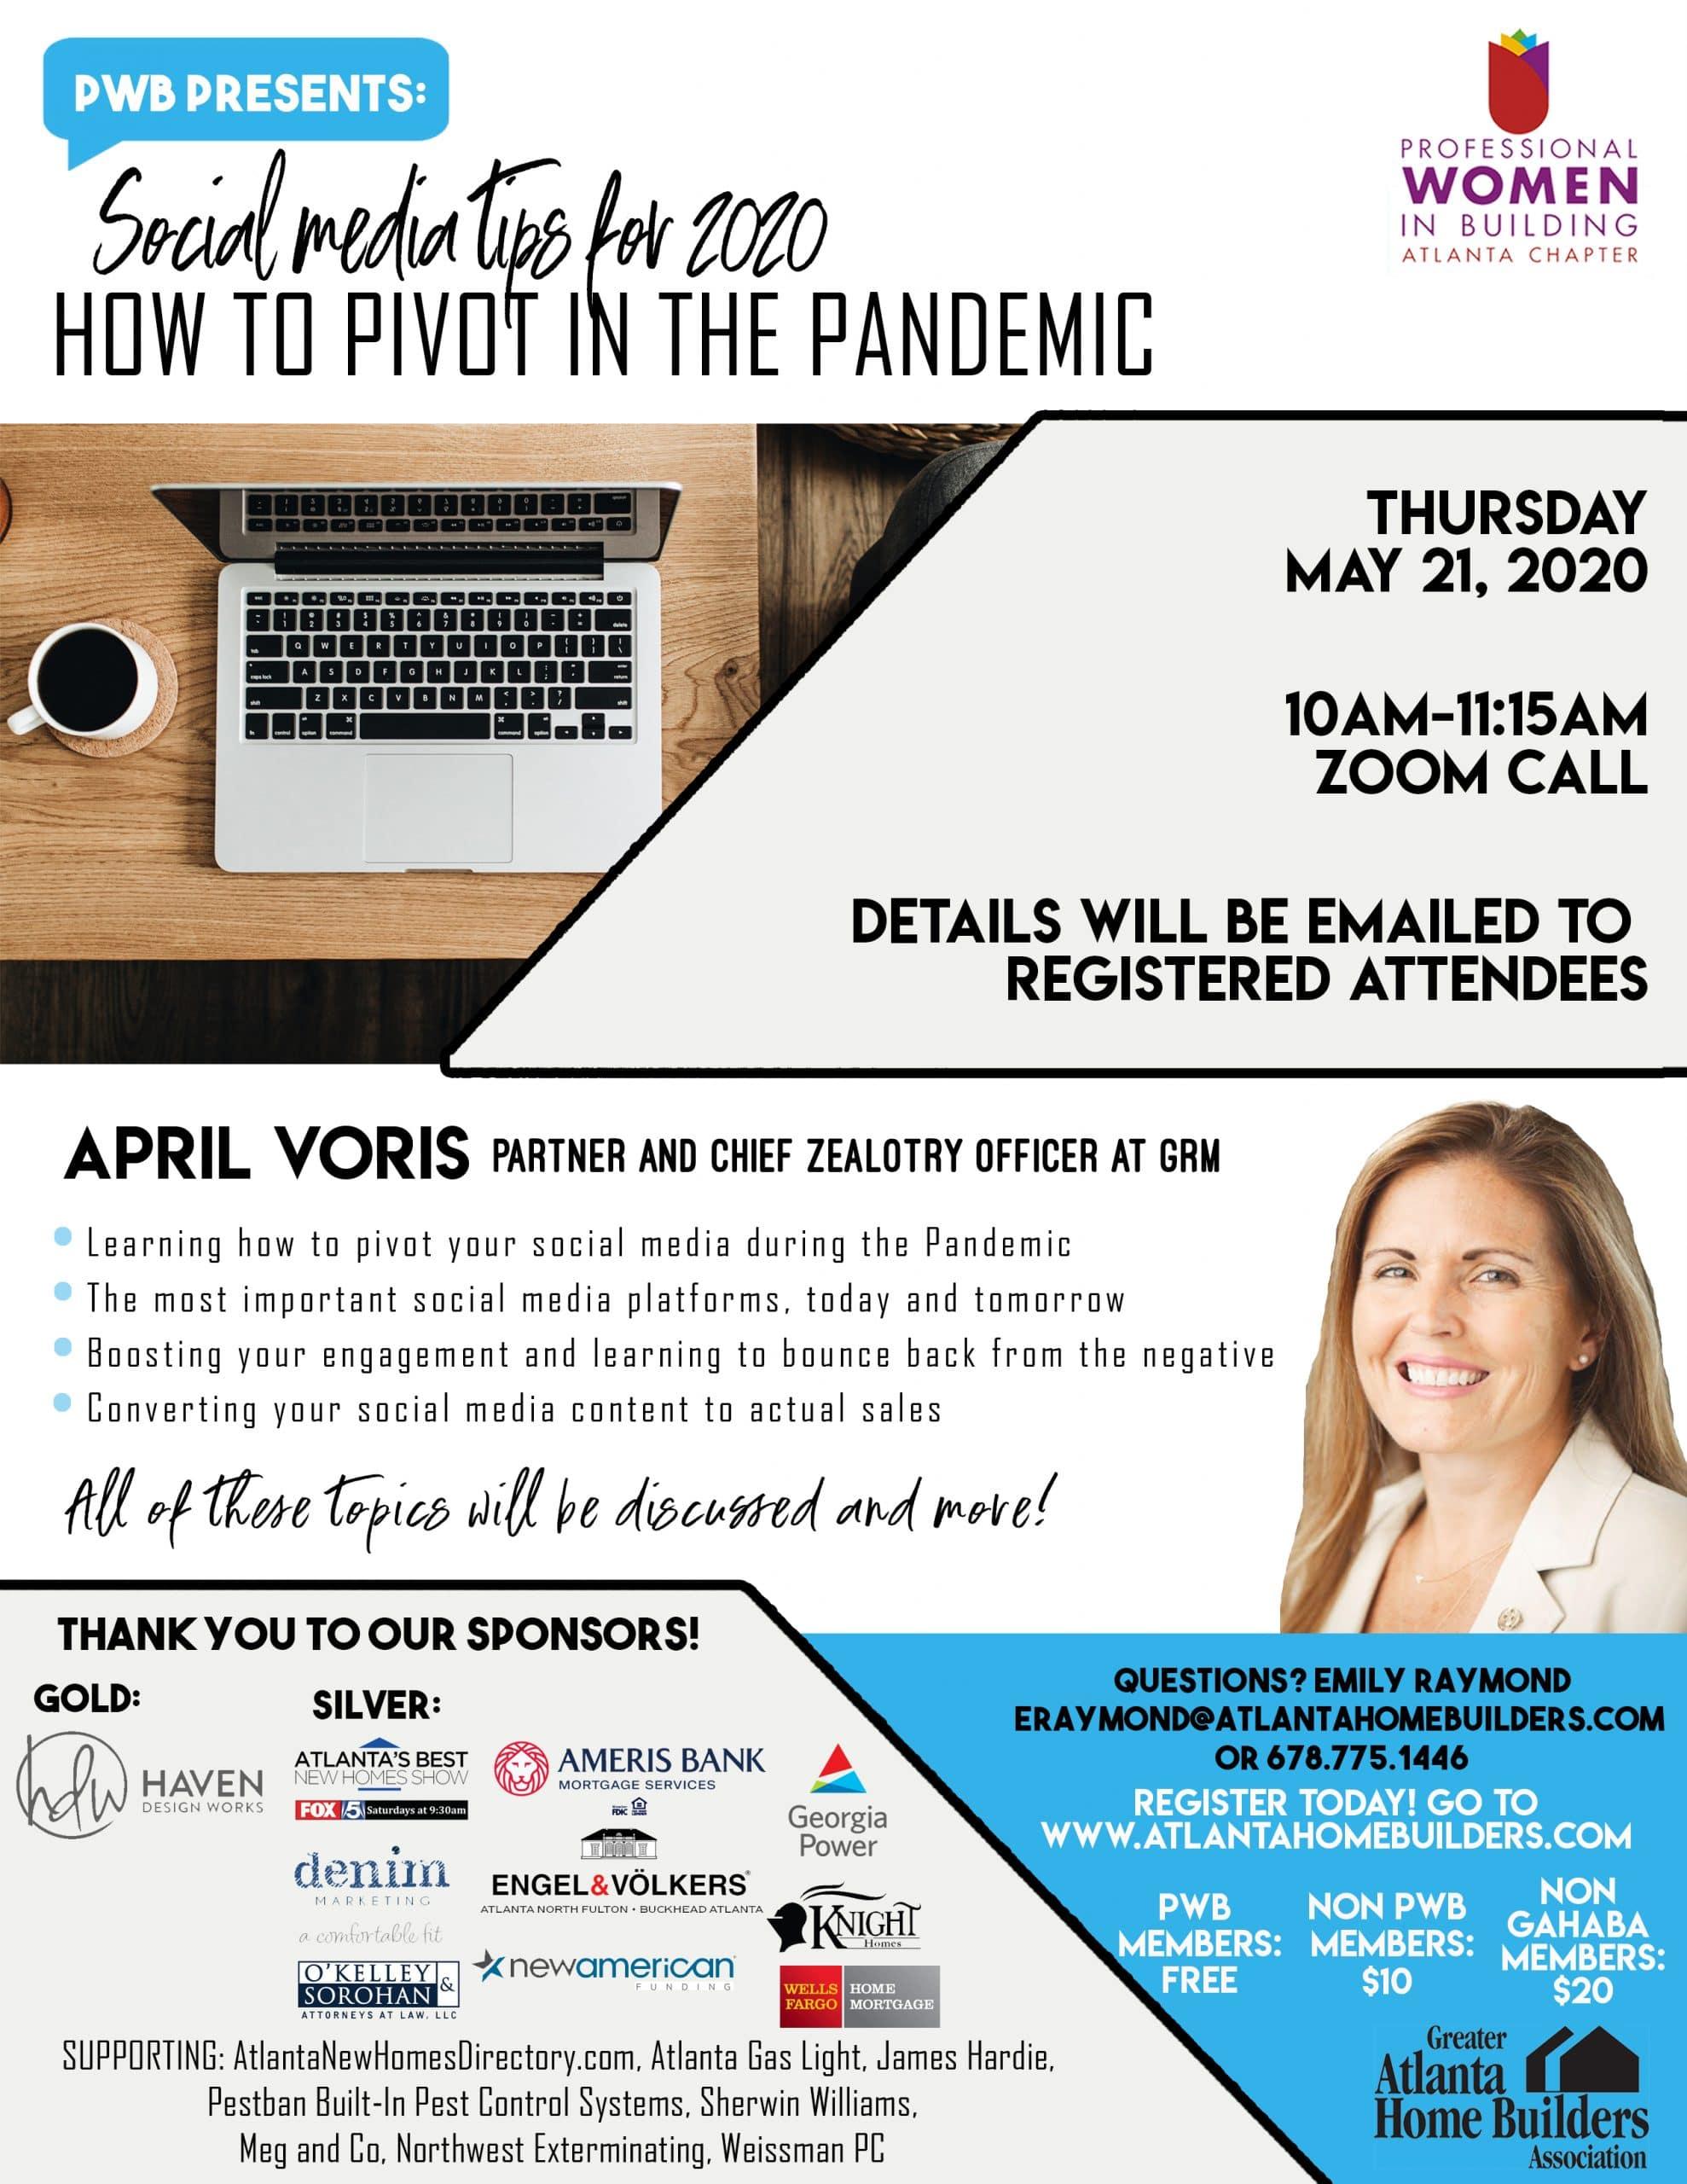 PWB Atlanta to Host First Virtual Program Meeting